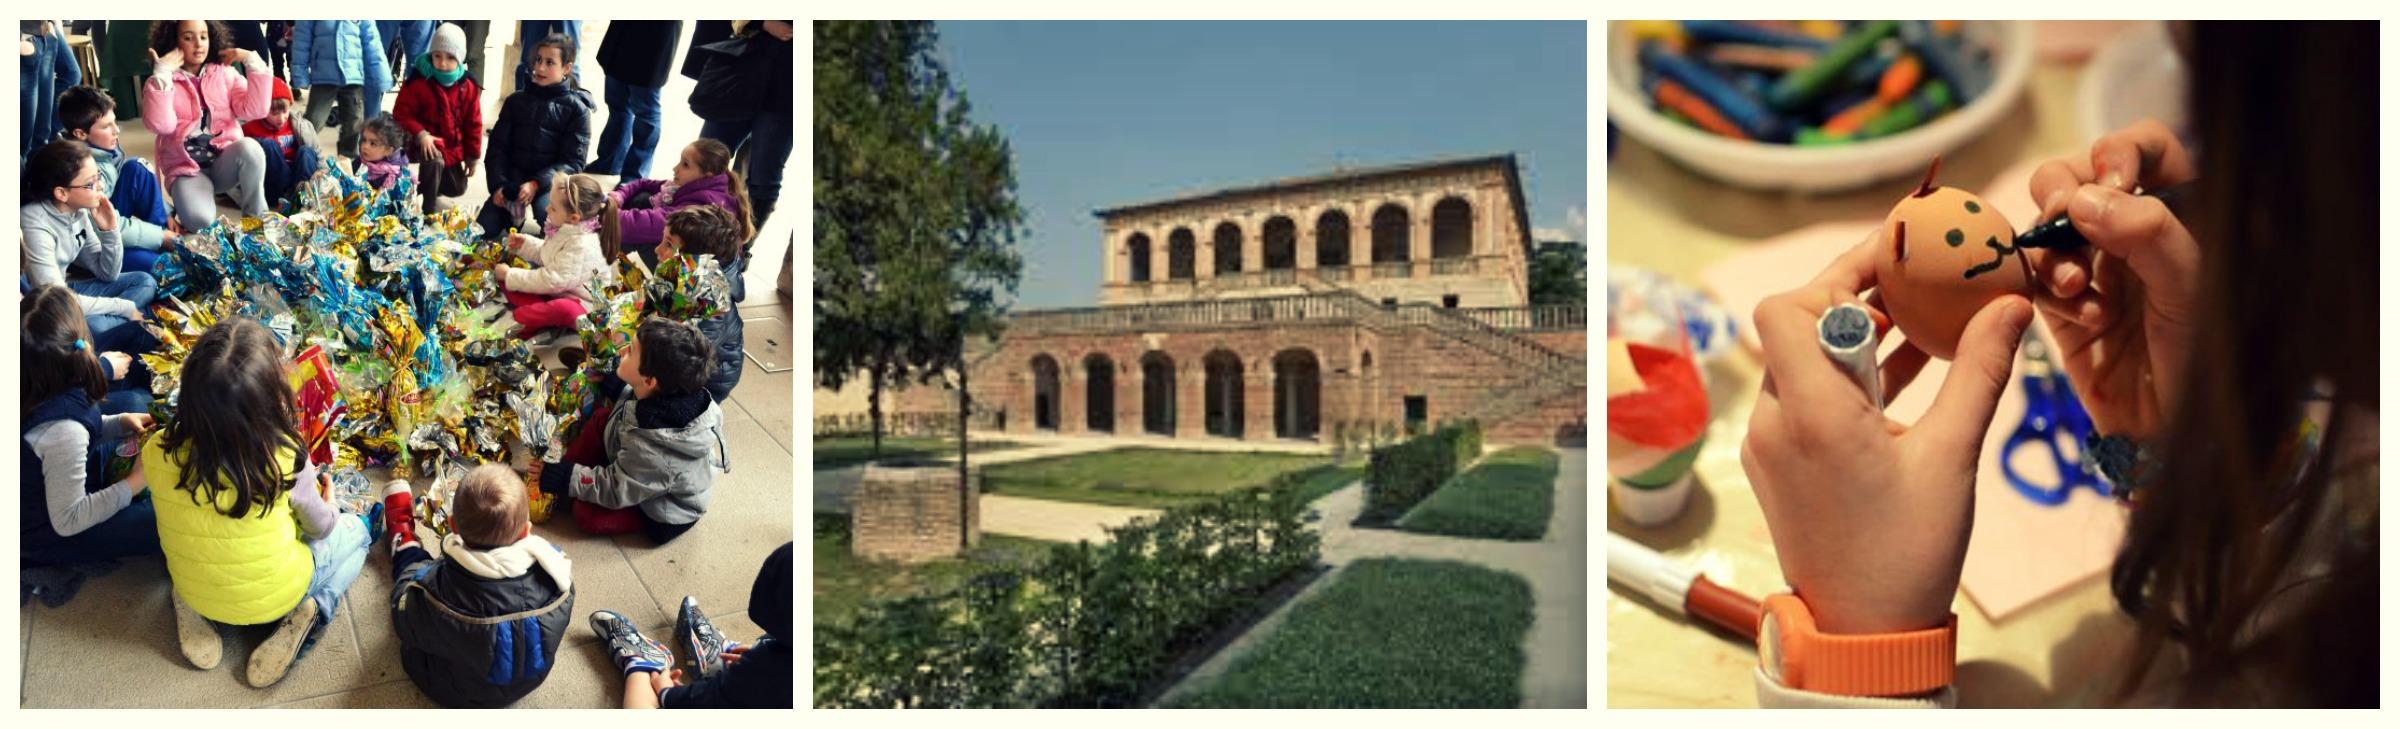 Villa dei vescovi1